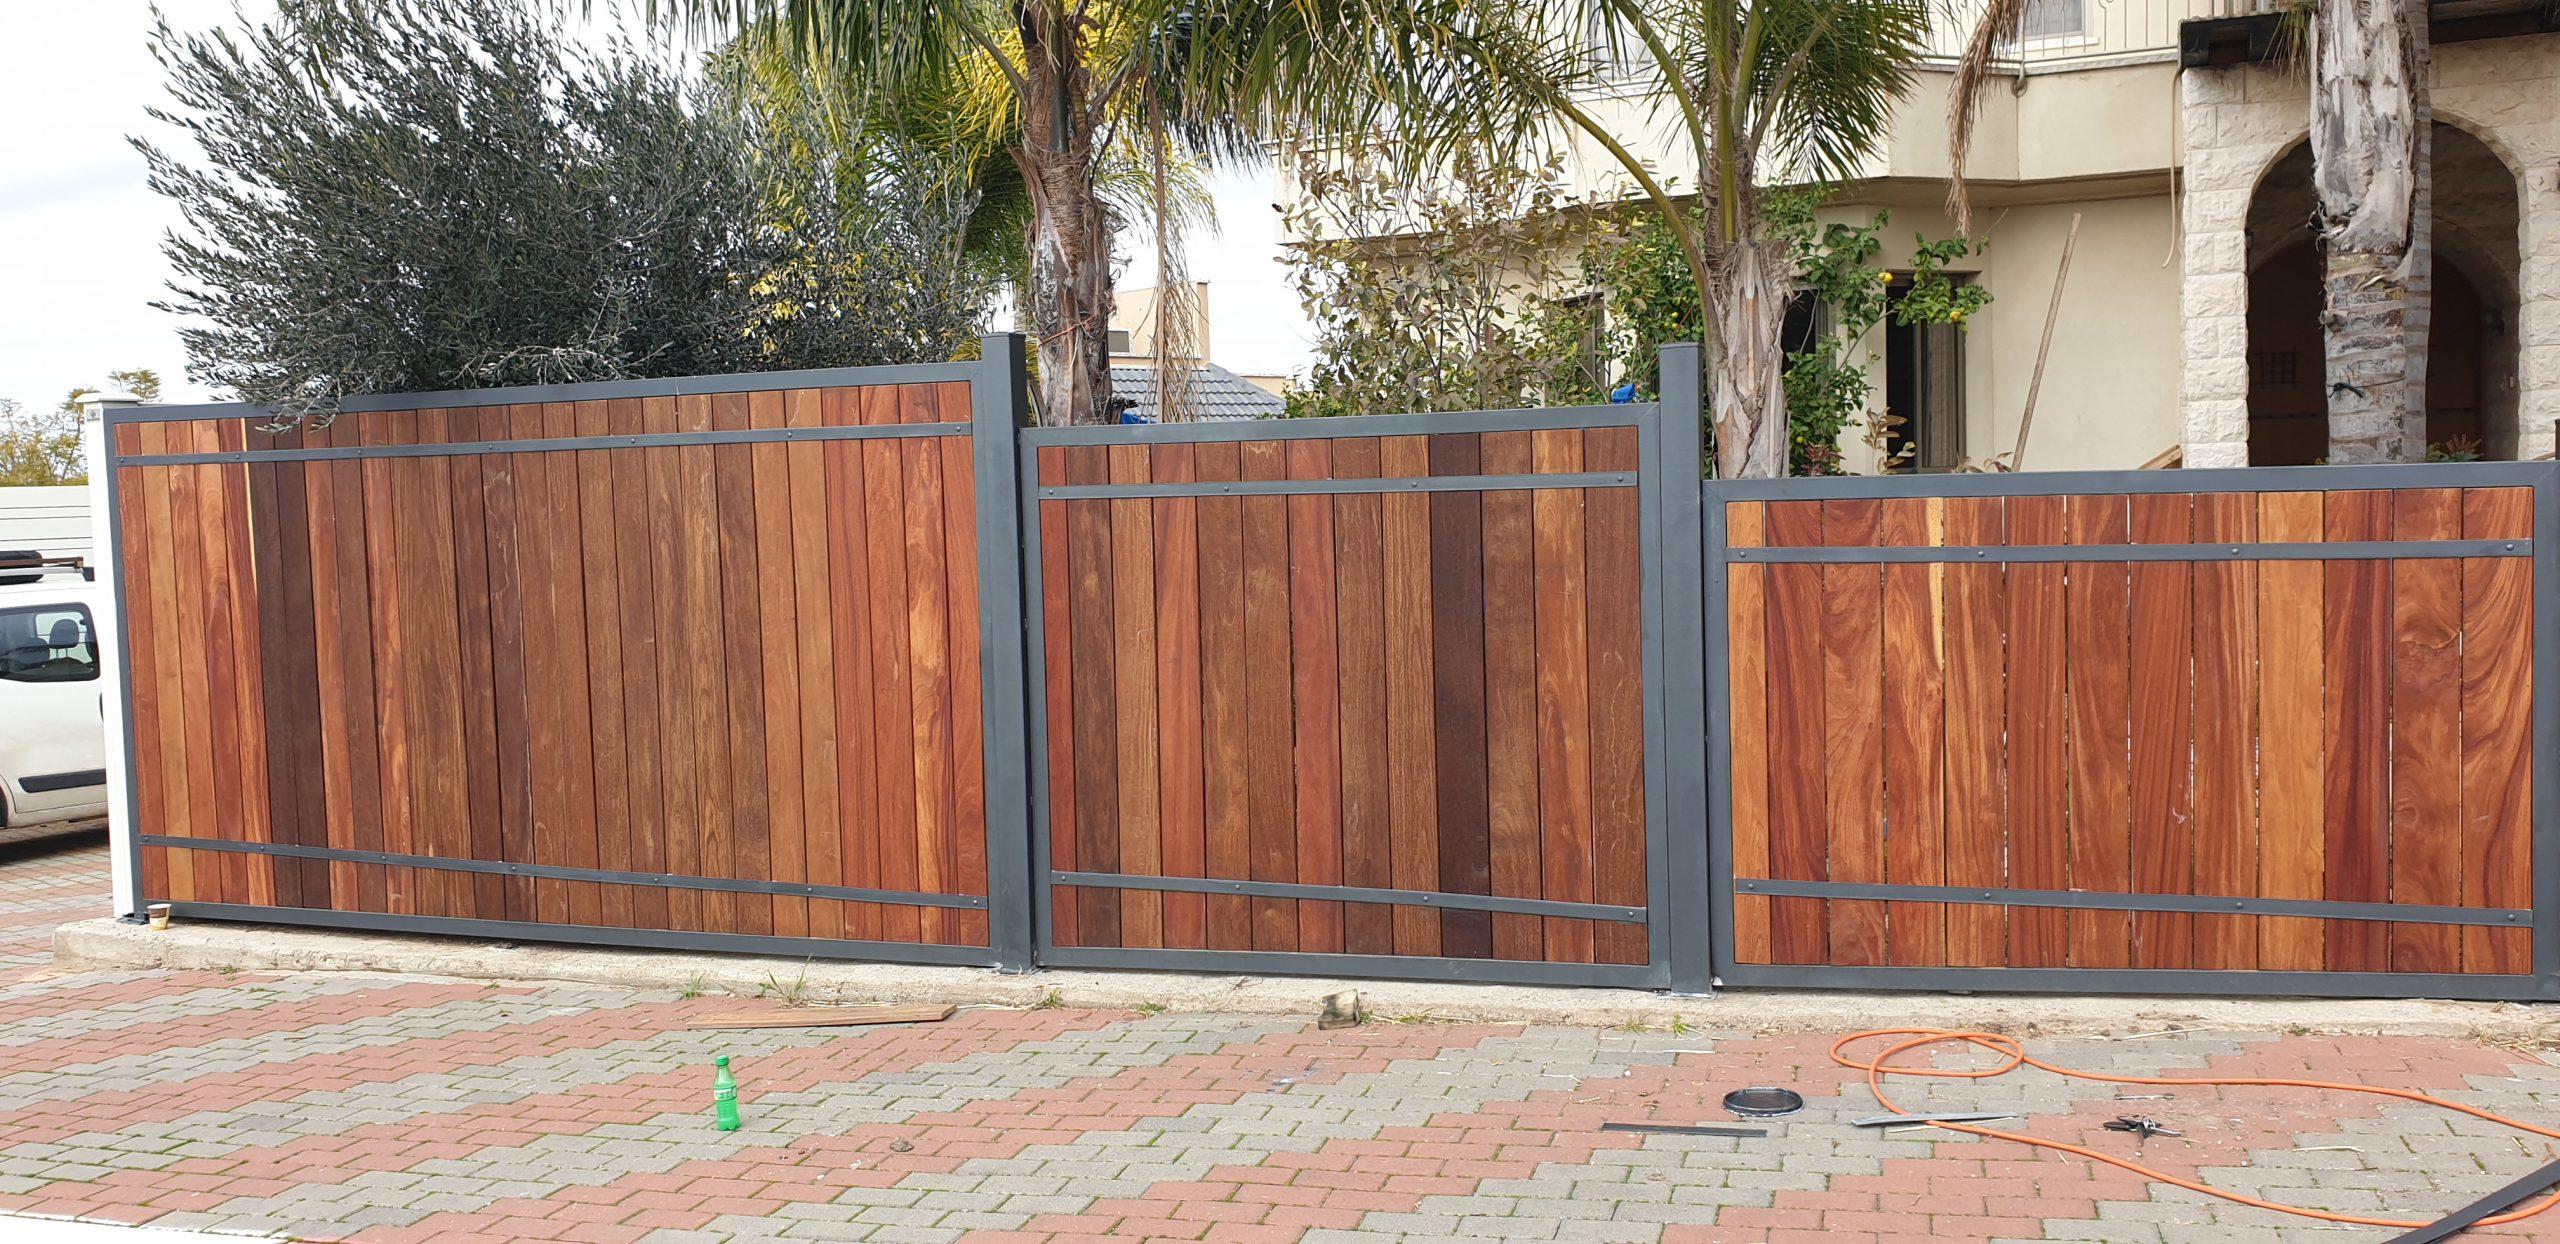 פרויקט ייצור והתקנת גדר מעץ איפאה בשילוב מסגרת ברזל